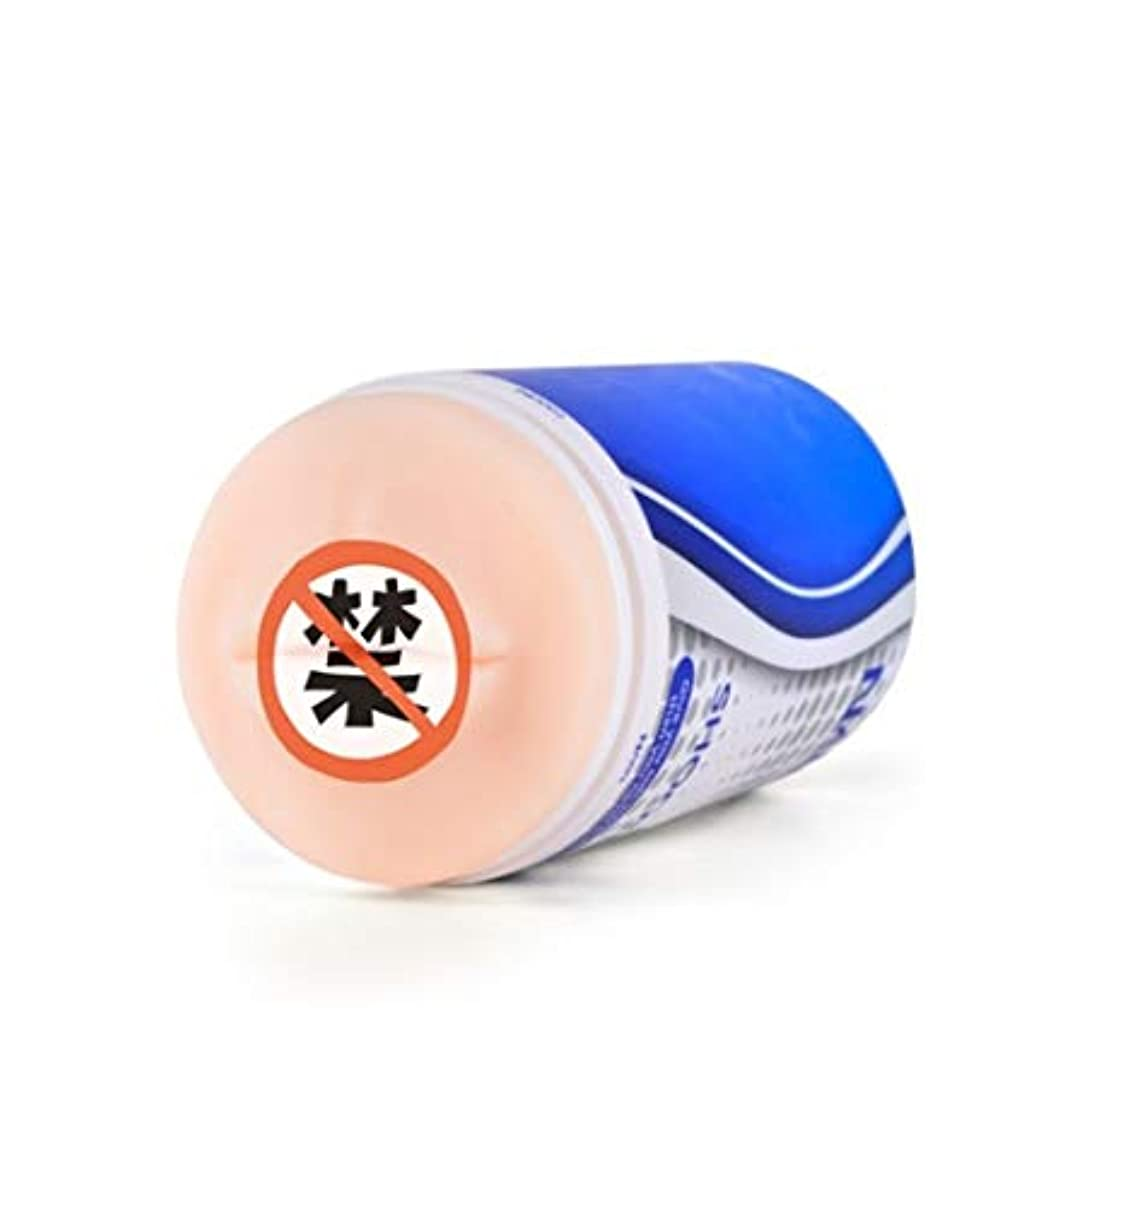 複製追い出す動物メンズ自動カップマルチバイブレーションモードディープエレクトリックリラクゼーションマッサージャーはメンズおもちゃのための最高の贈り物です。 (Color : Blue)